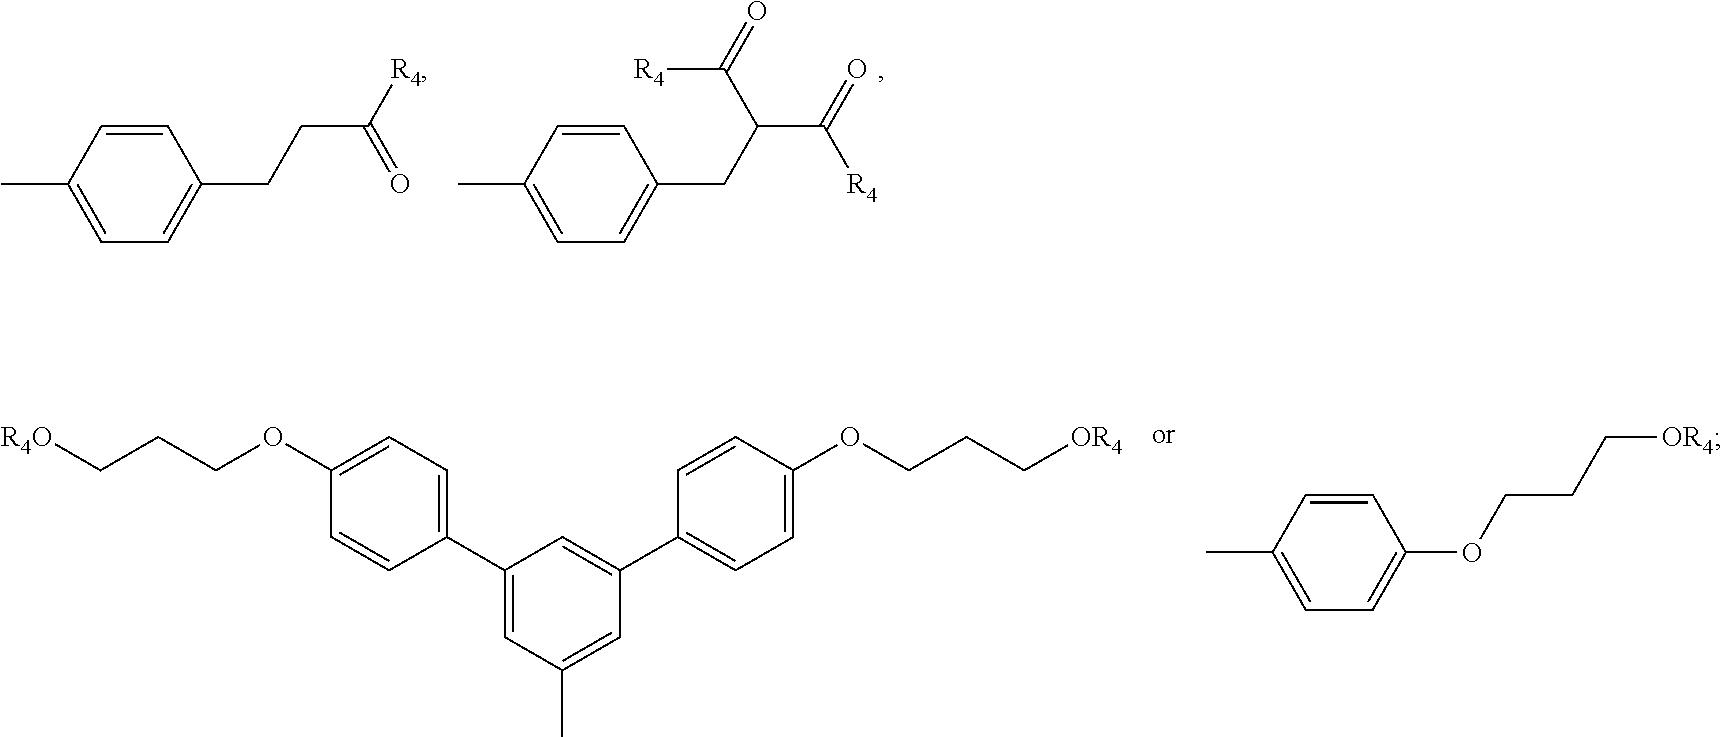 Figure US20110274713A1-20111110-C00013